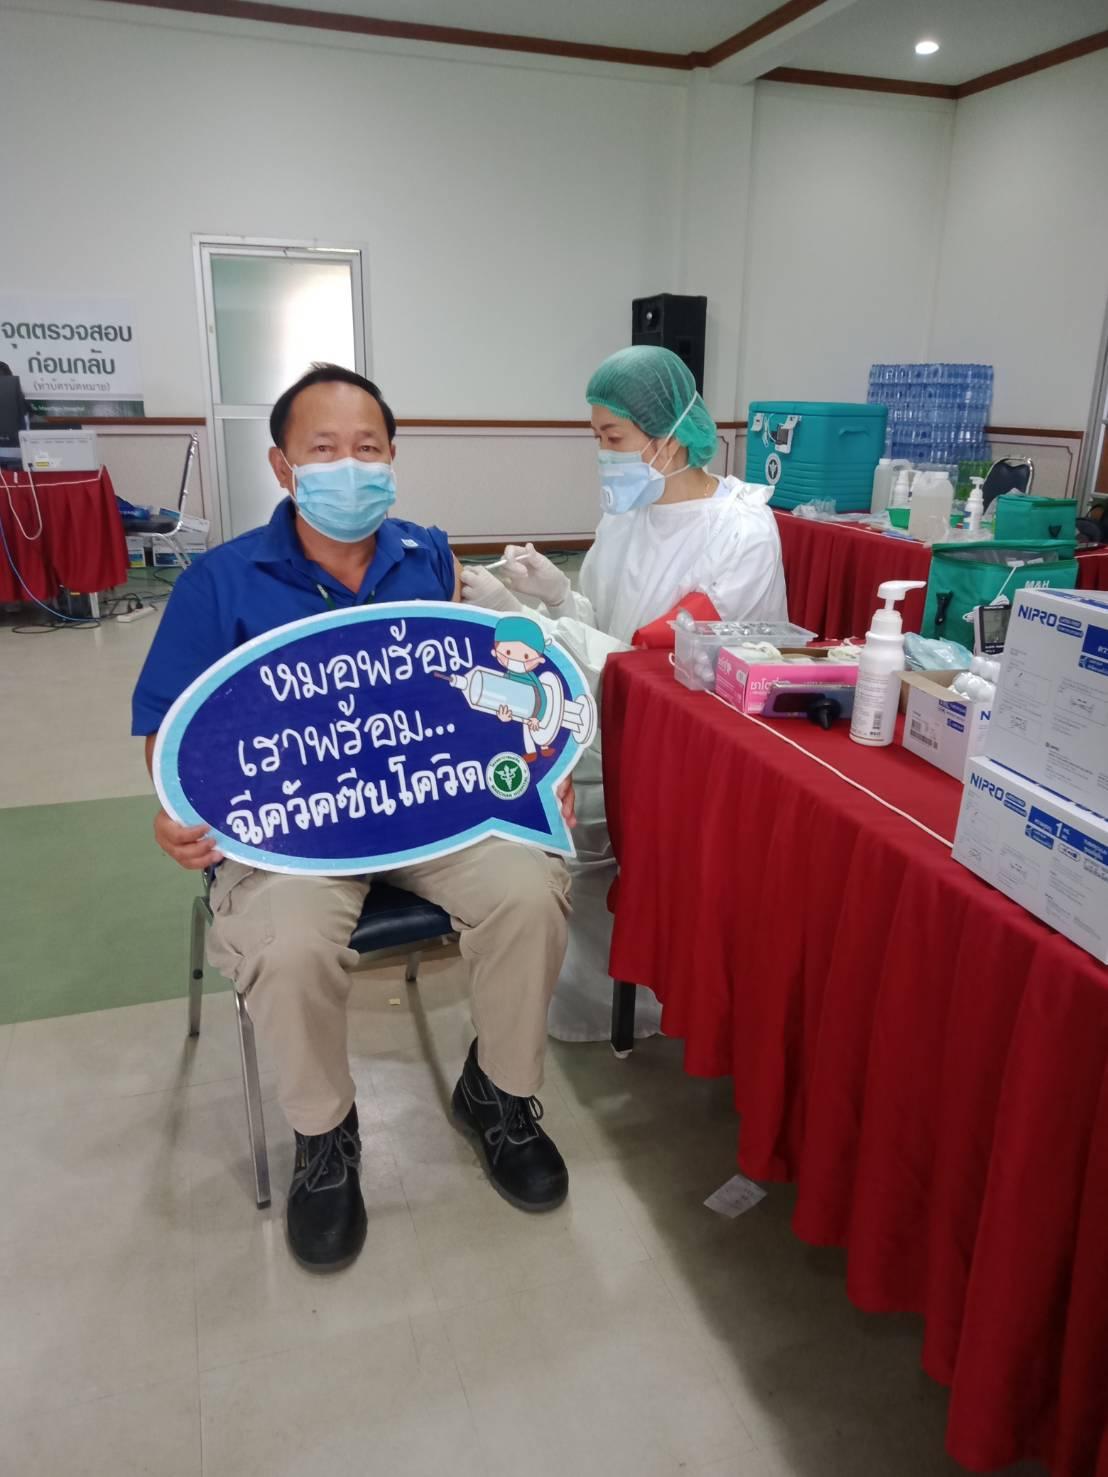 พนักงานดอยคำ โรงงานหลวงฯ ที่ 2 (แม่จัน) จ.เชียงราย ร่วมรับผิดชอบต่อสังคม เดินหน้าฉีดวัคซีนป้องกันโควิด-19